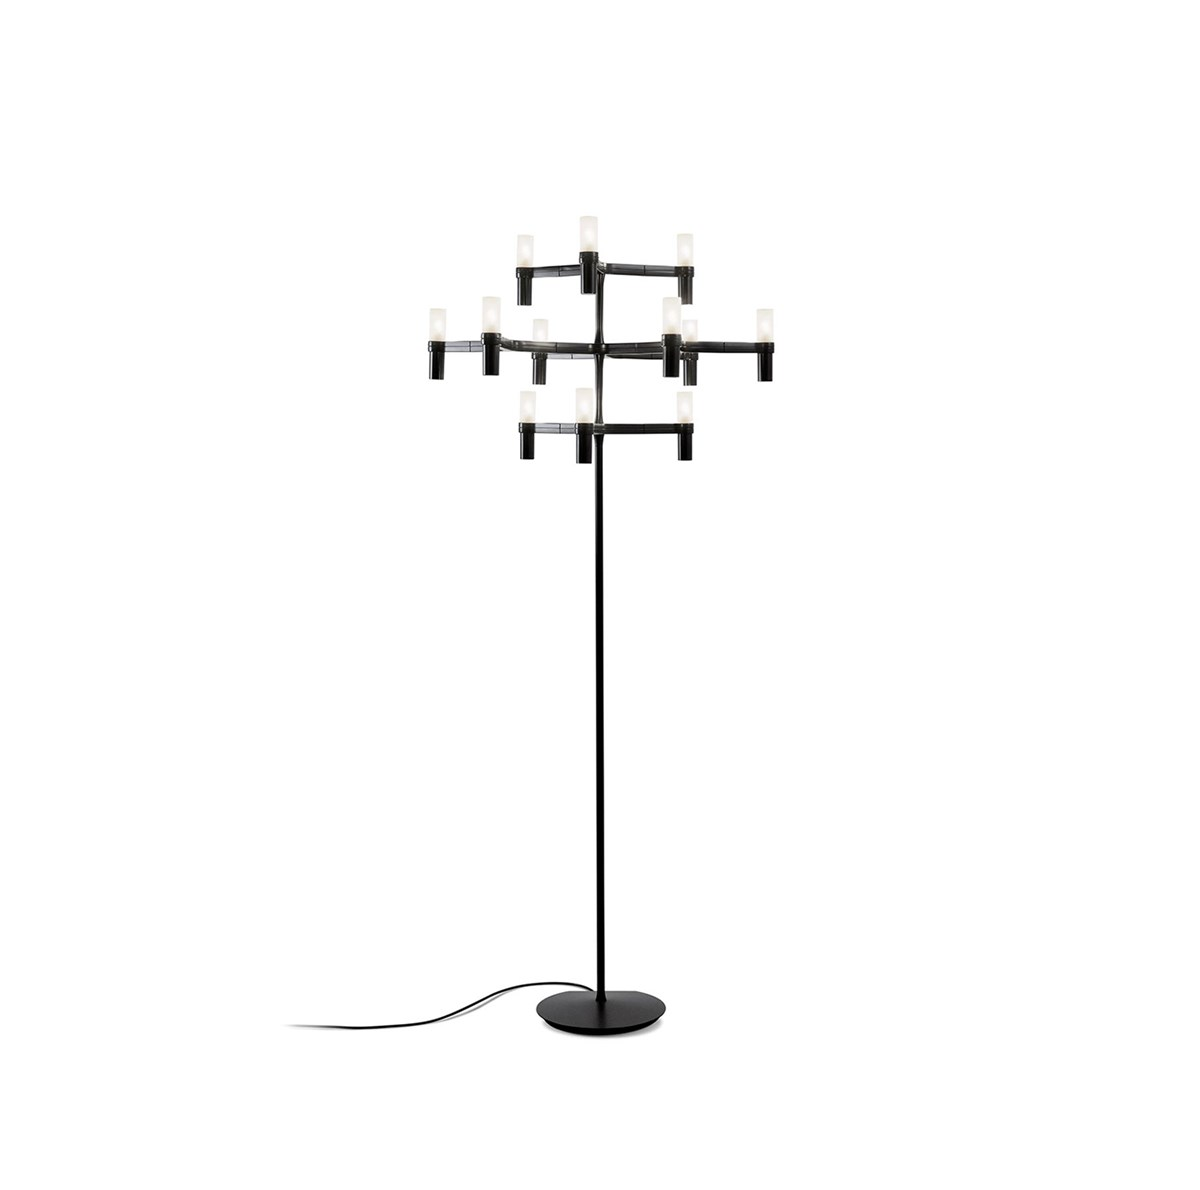 Nemo-Jehs-Laube-Crown-Floor-Lamp-Matisse-1